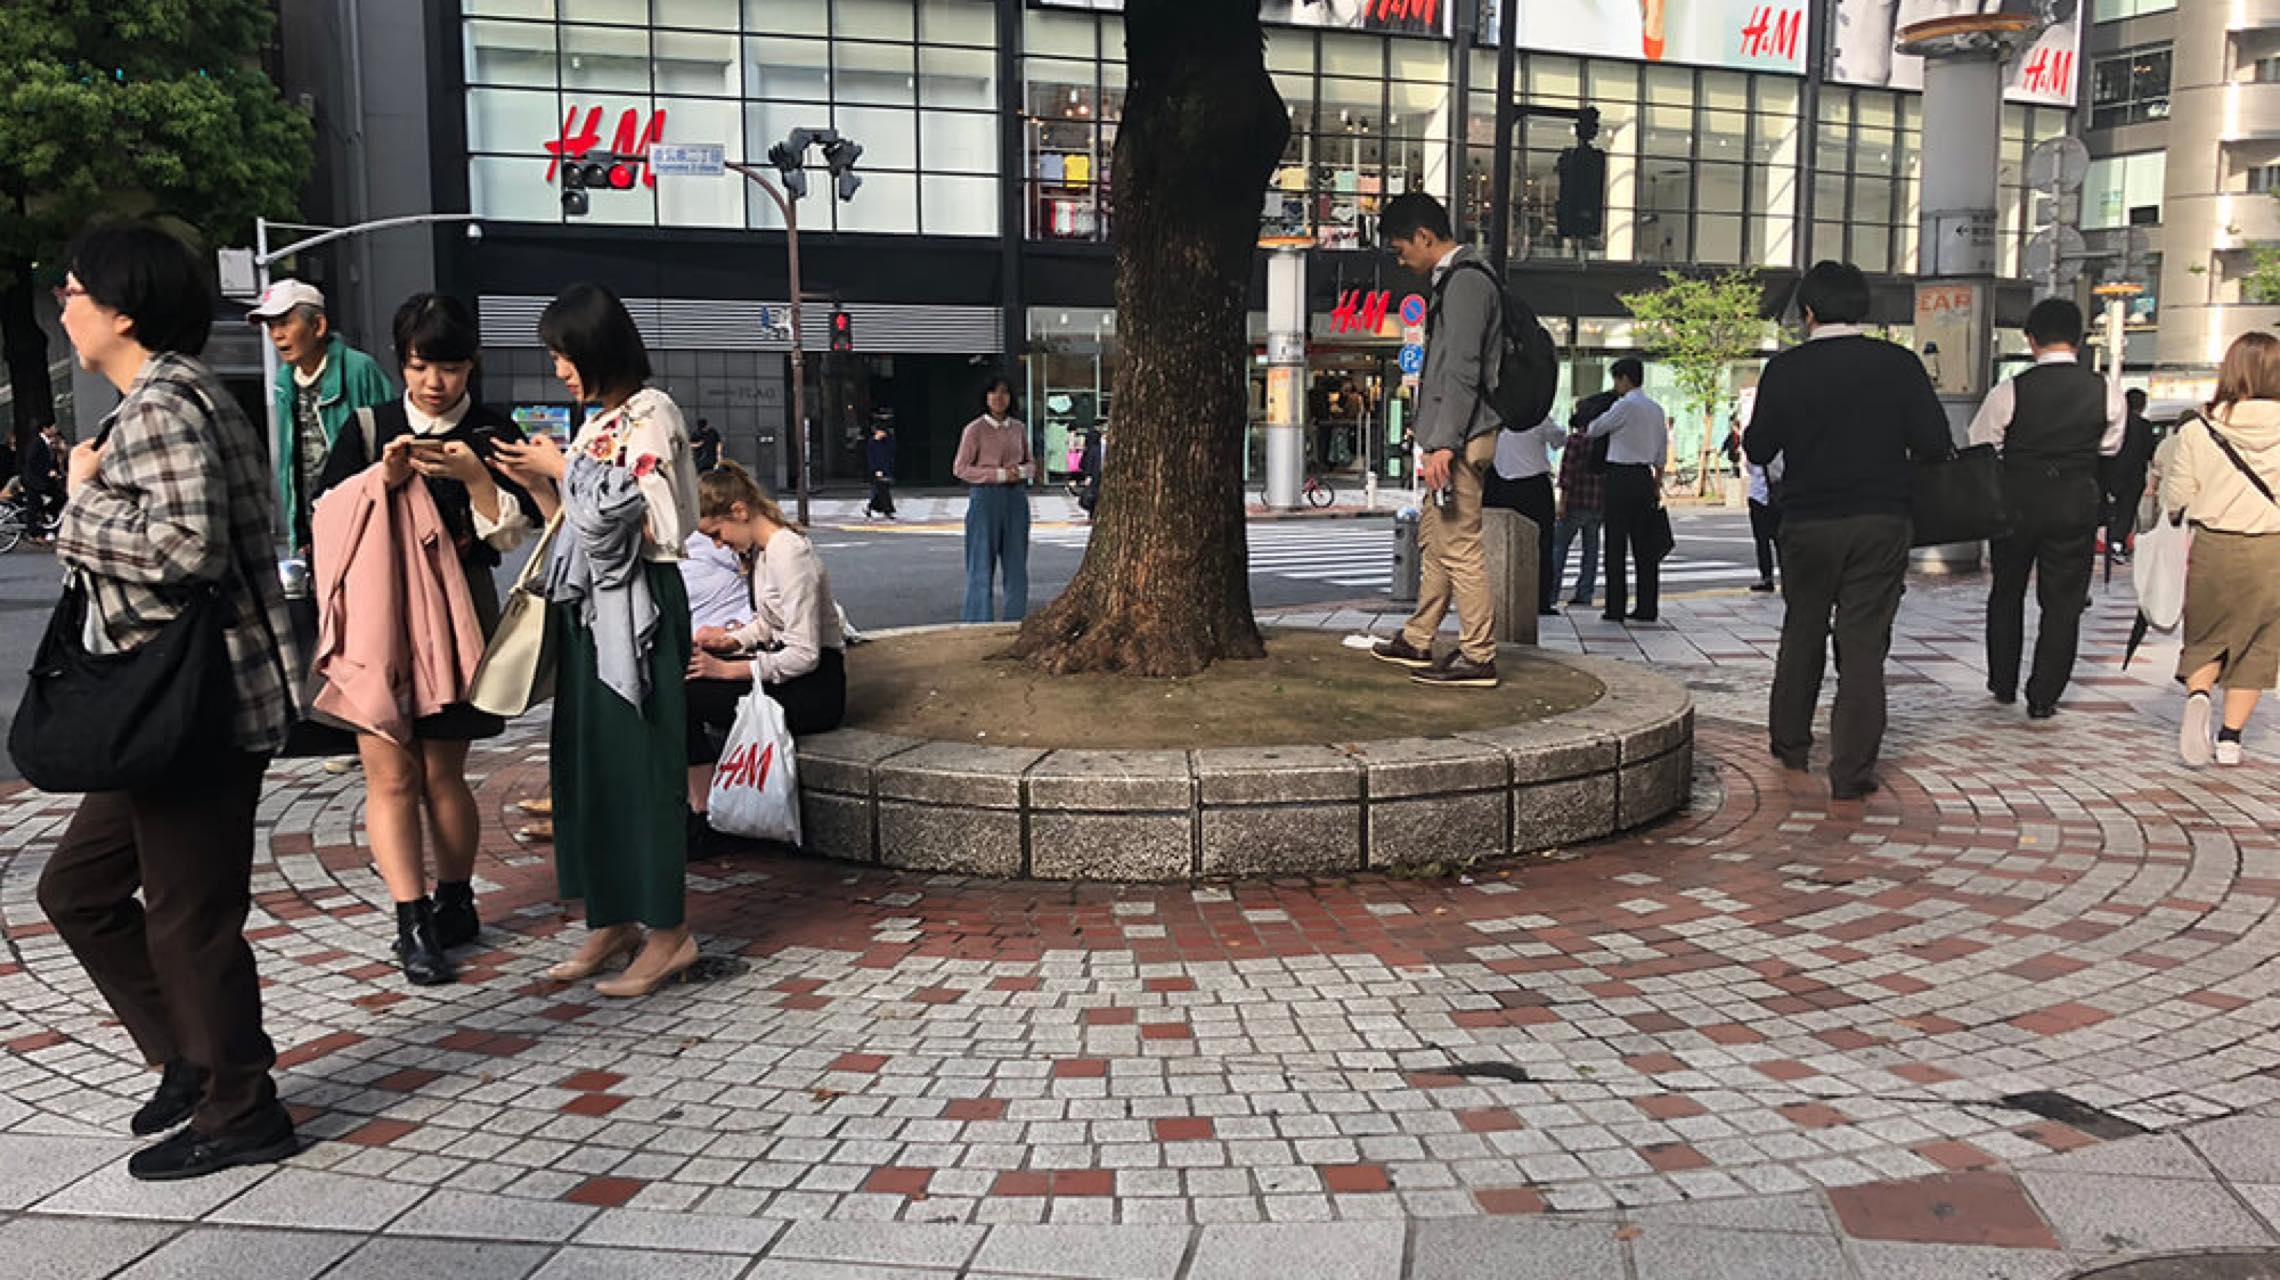 渋谷で見つけた5つの公共ベンチと、いつもと違う5つの過ごし方